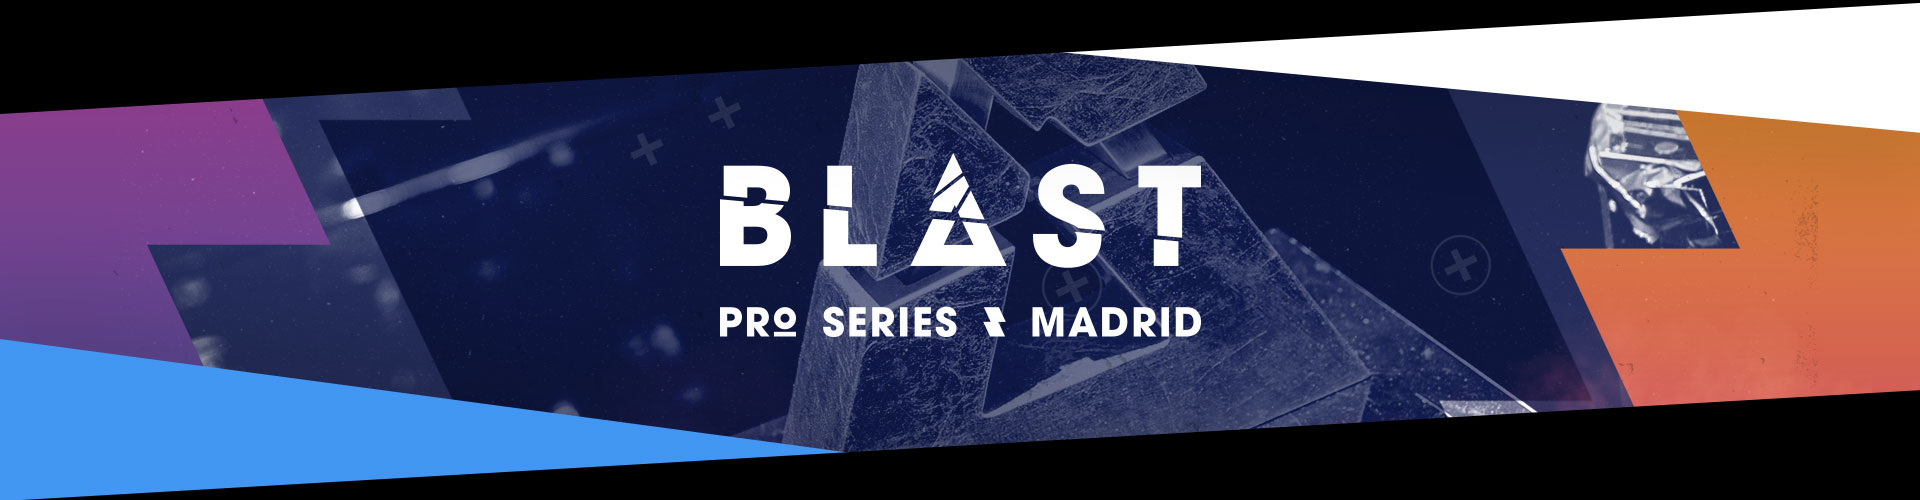 Madrid stod för värdskapet när BLAST Pro Series kom till Europa